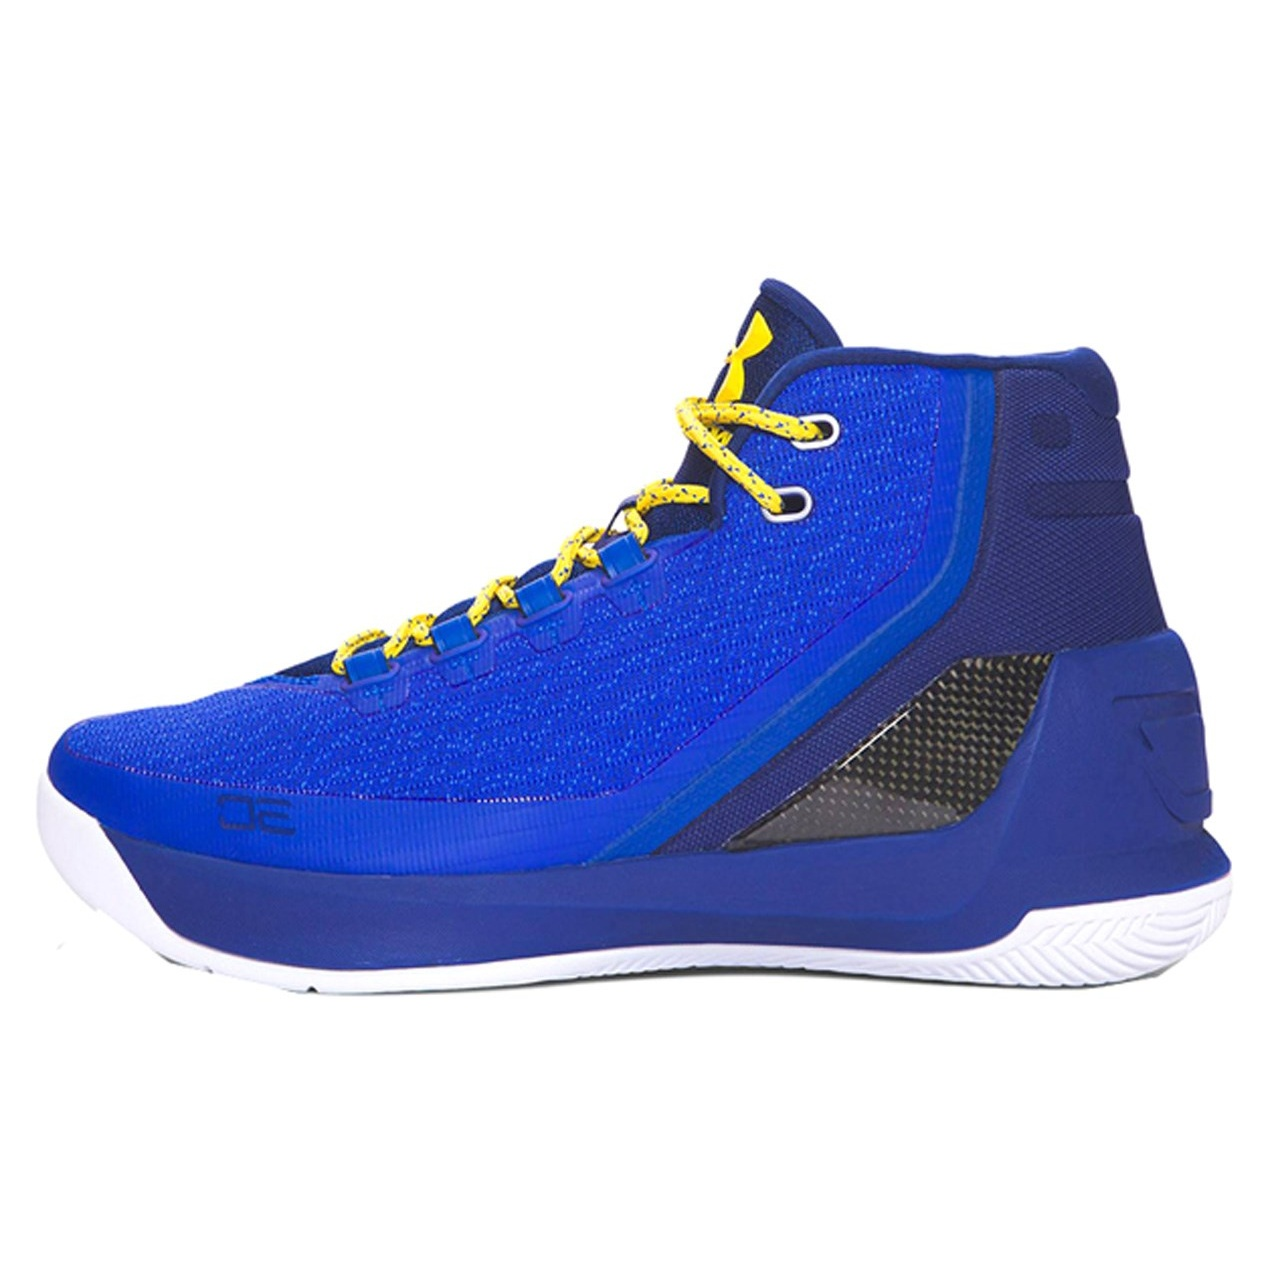 خرید                      کفش بسکتبال و والیبال مردانه آندرآرمور مدل CURRY 3 AWAY              👟